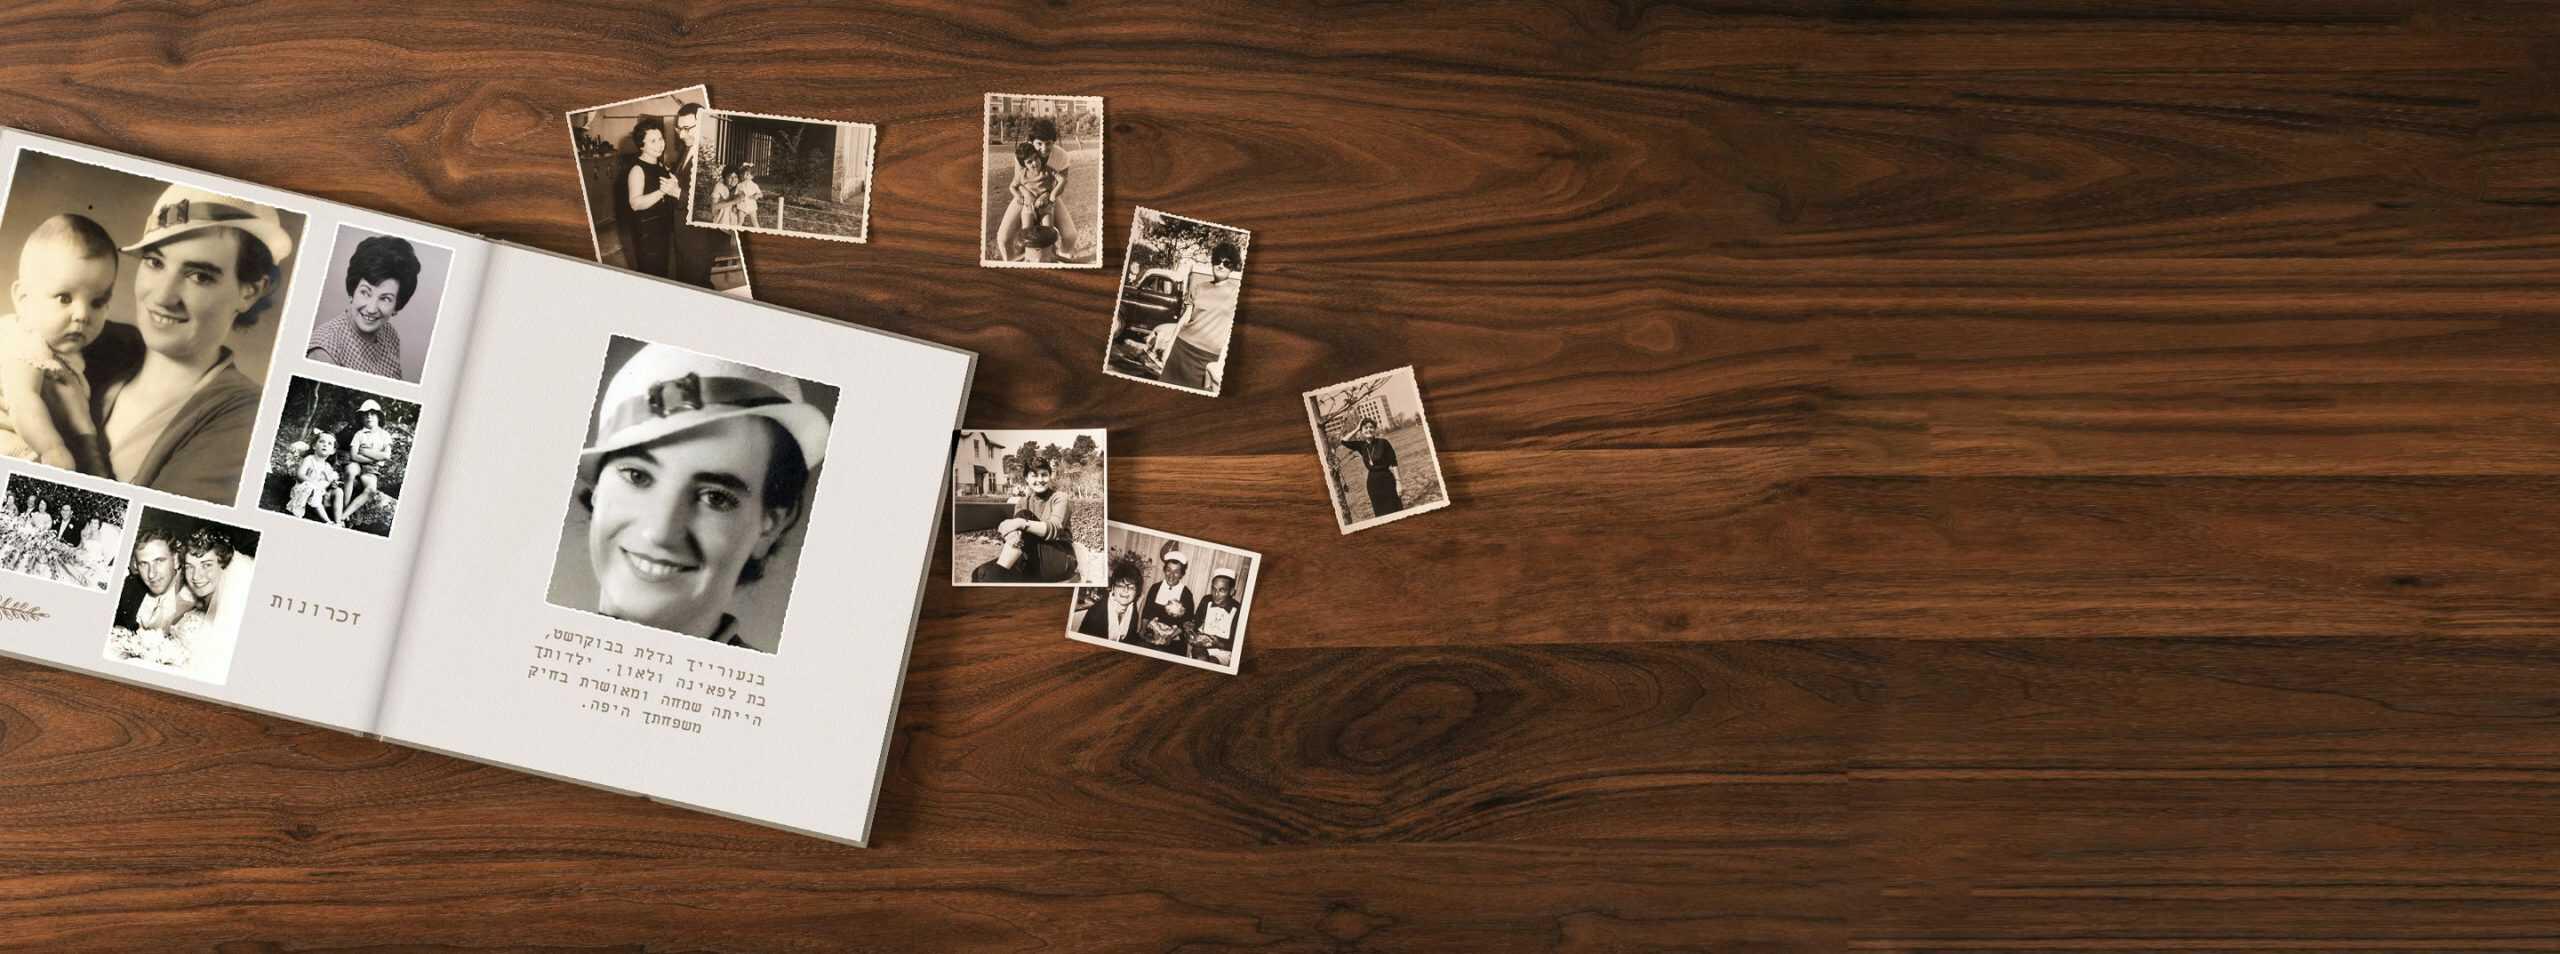 אלבום תמונות מתנה לאימא